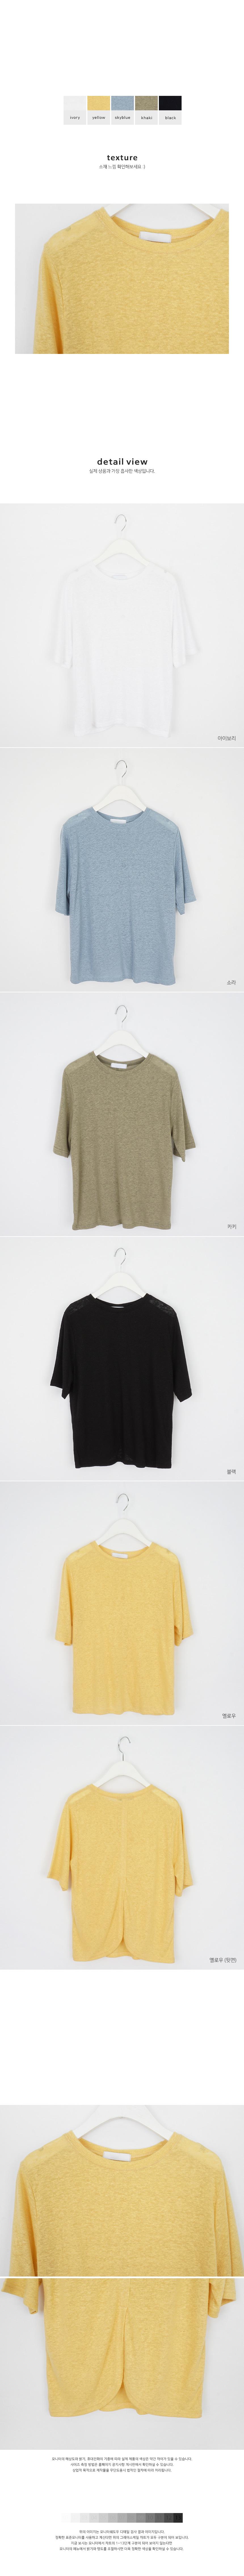 Hepburn T-shirt